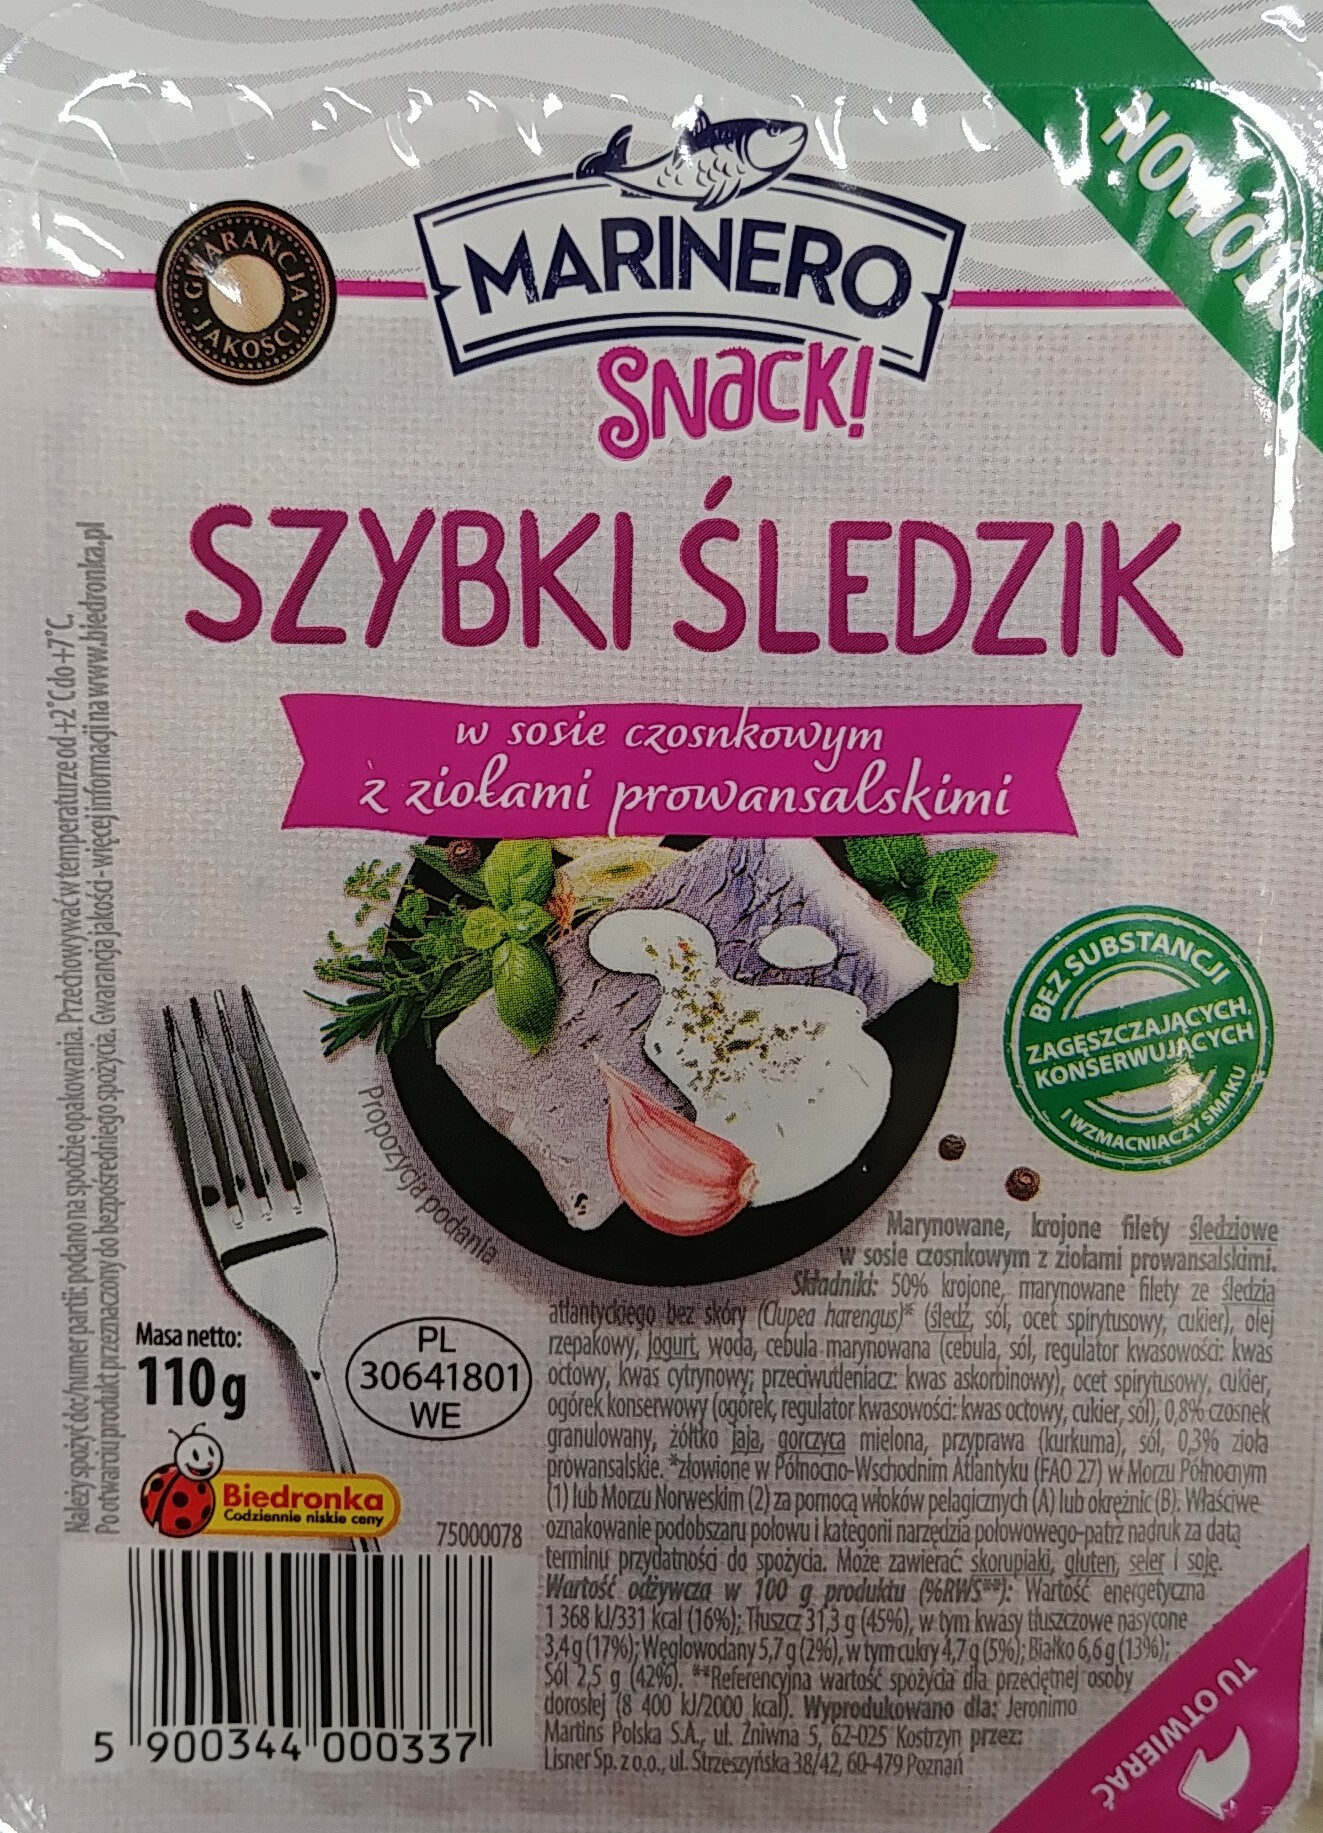 Marynowane, krojone filety śledziowe w sosie czosnkowym z ziołami prowansalskimi. - Produkt - pl